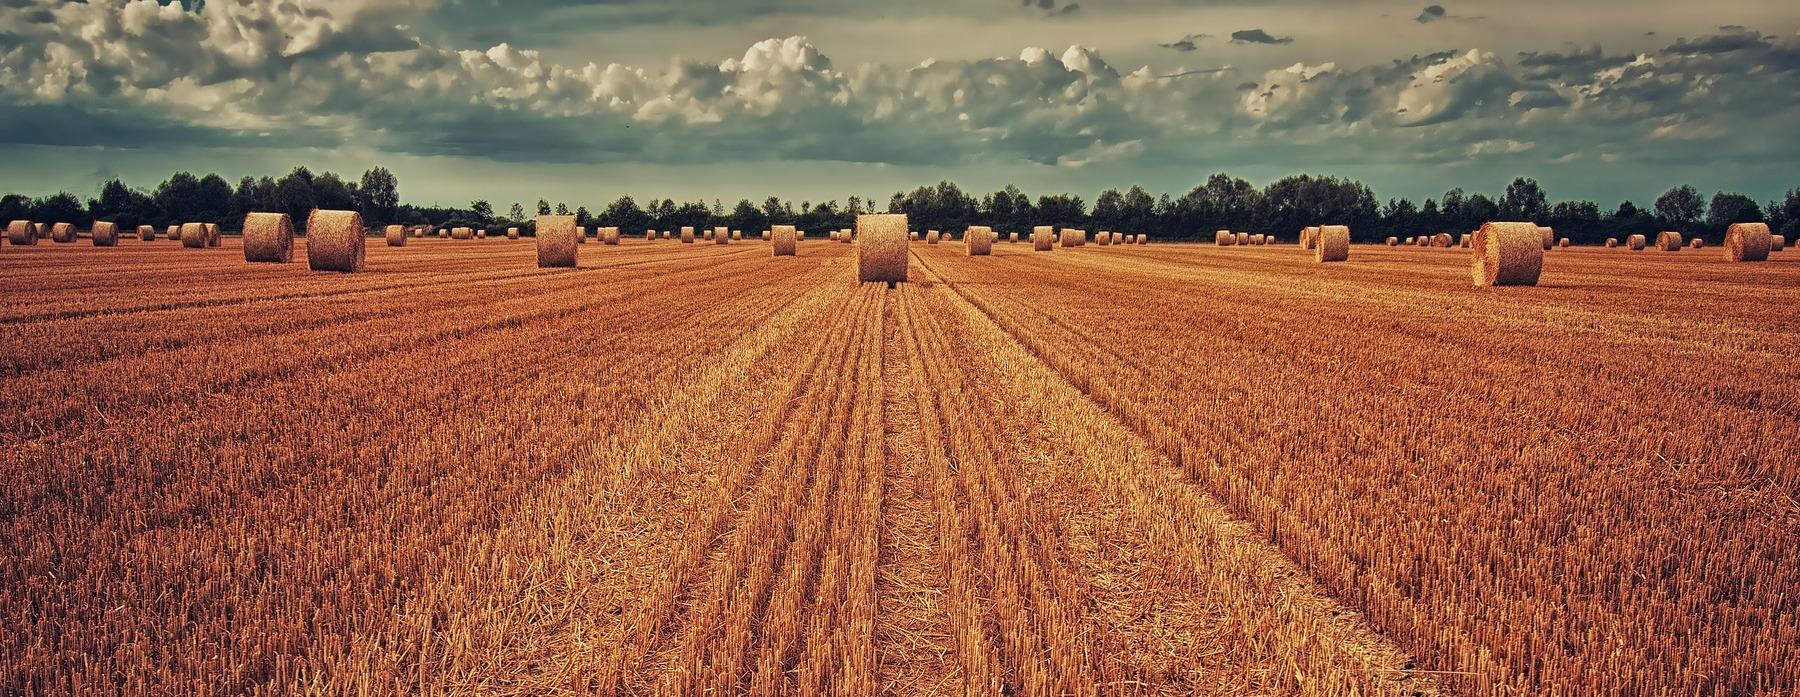 L'azienda Smolensk esporta macchinari agricoli in Polonia